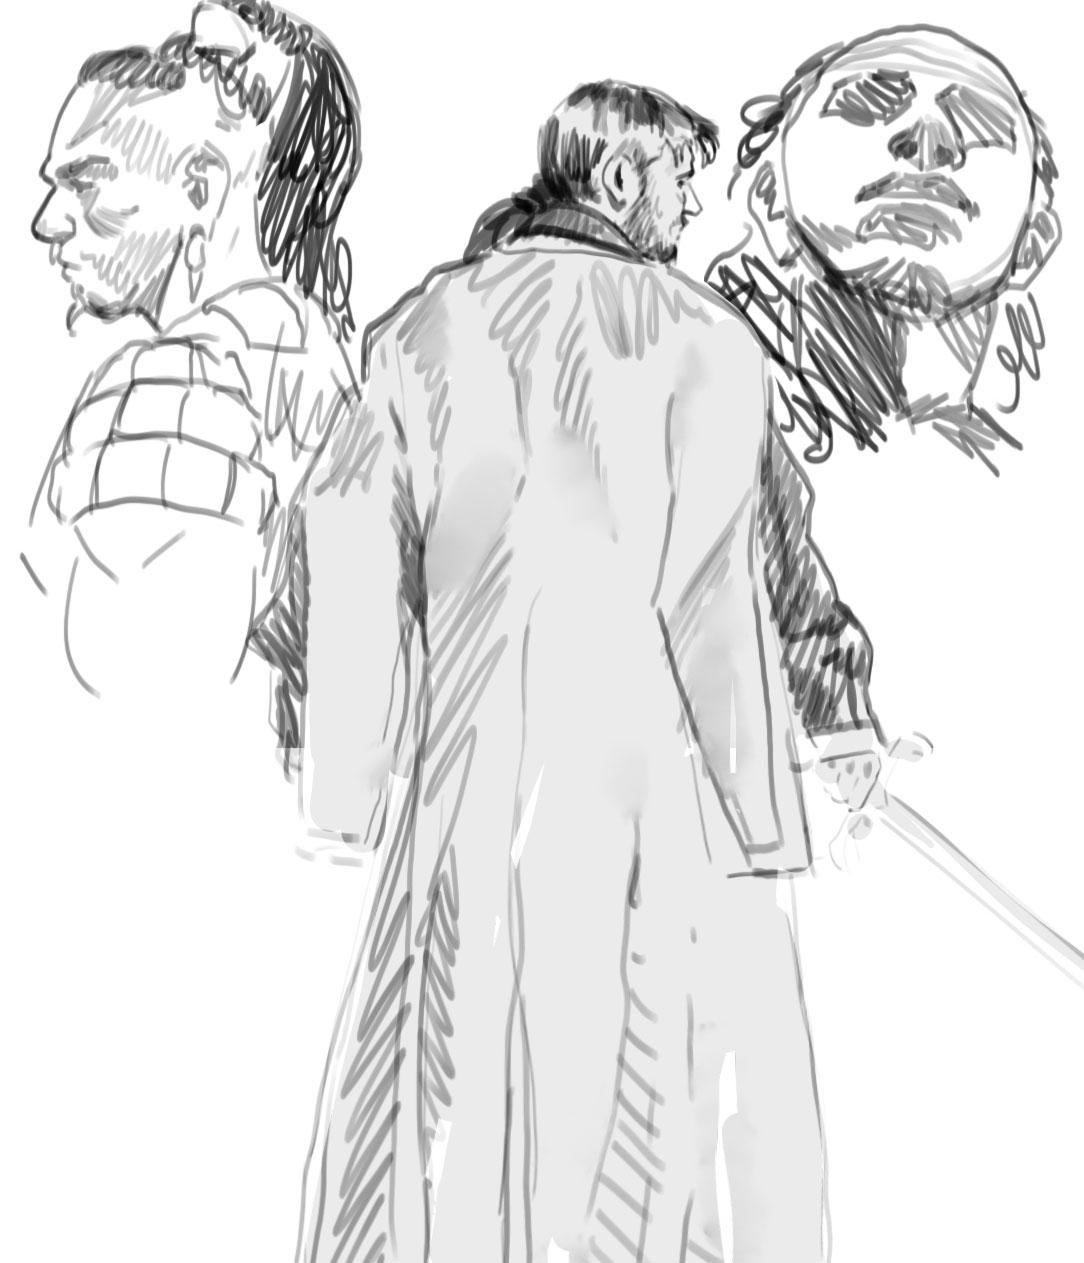 Galerie de dessins, illustrations, divers travaux...  - Page 6 1533128899-sketchs